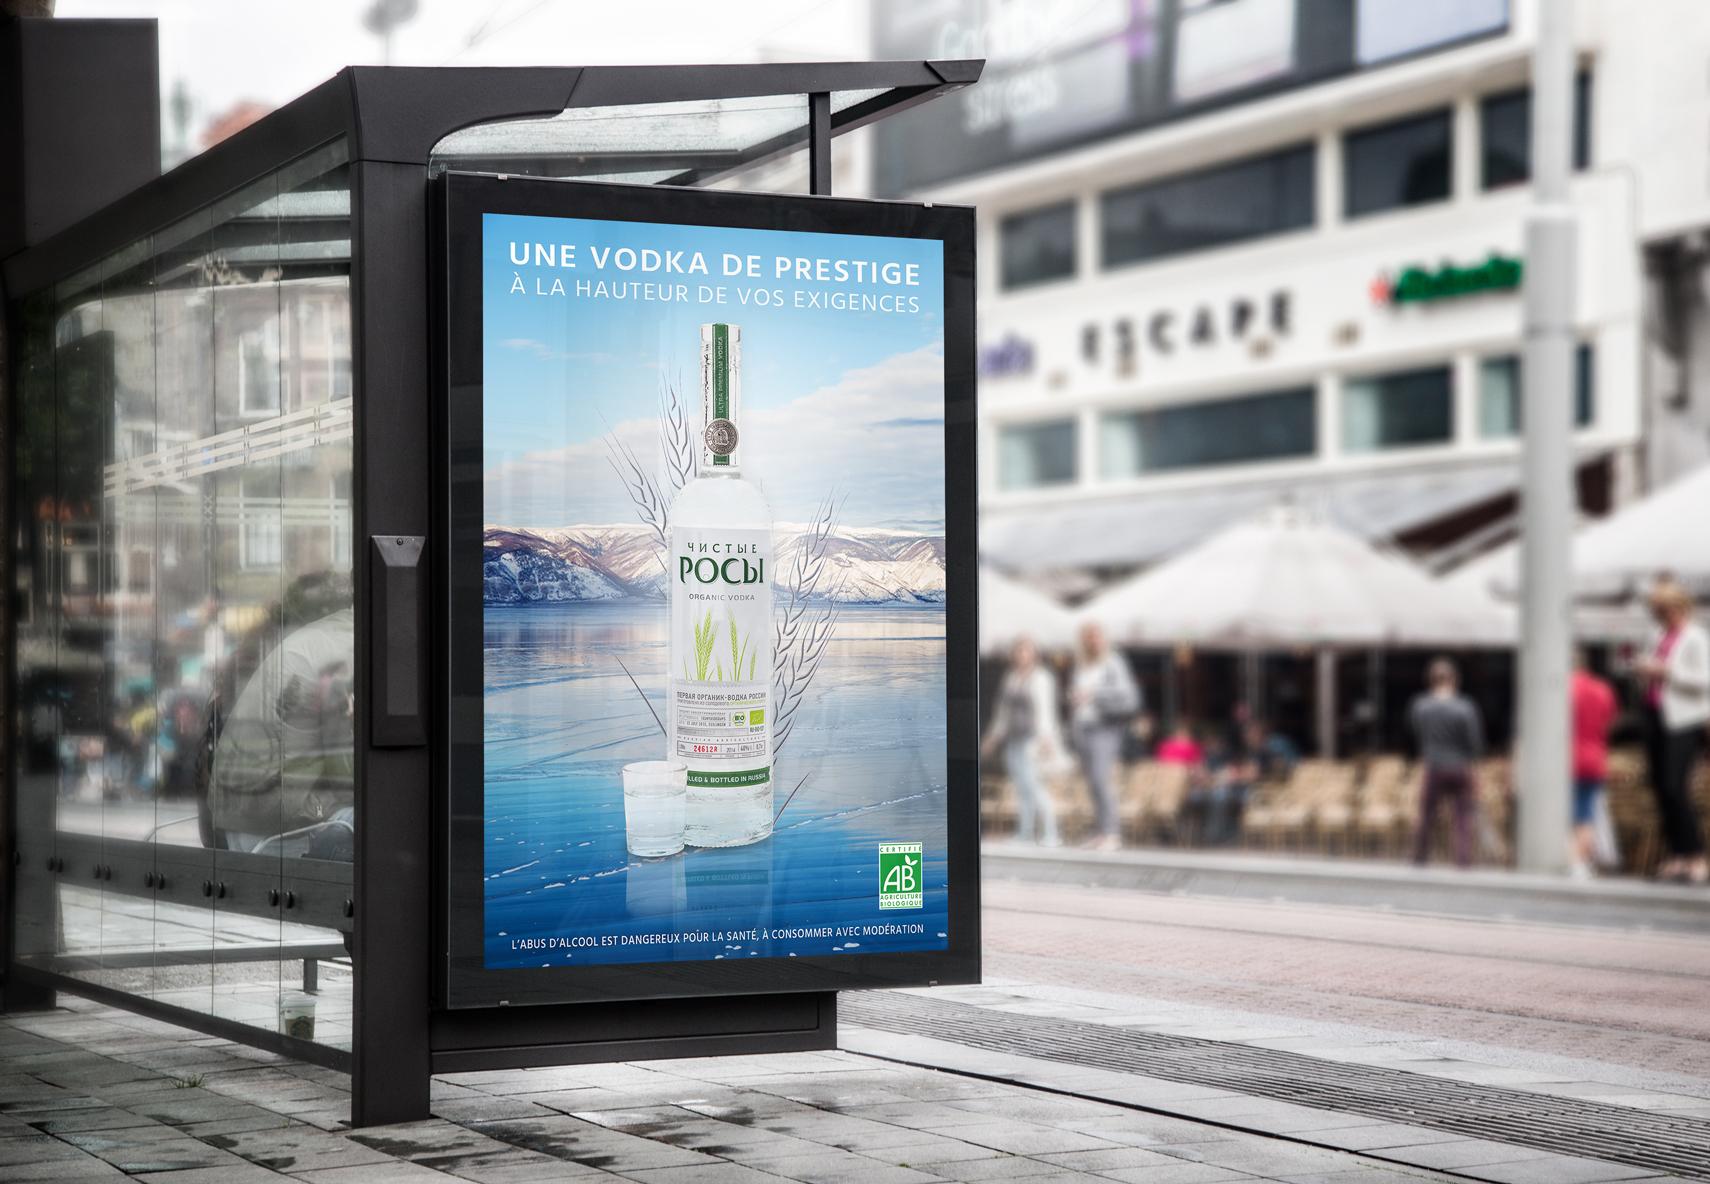 Mockup de l'affiche publicitaire de la bouteille de vodka